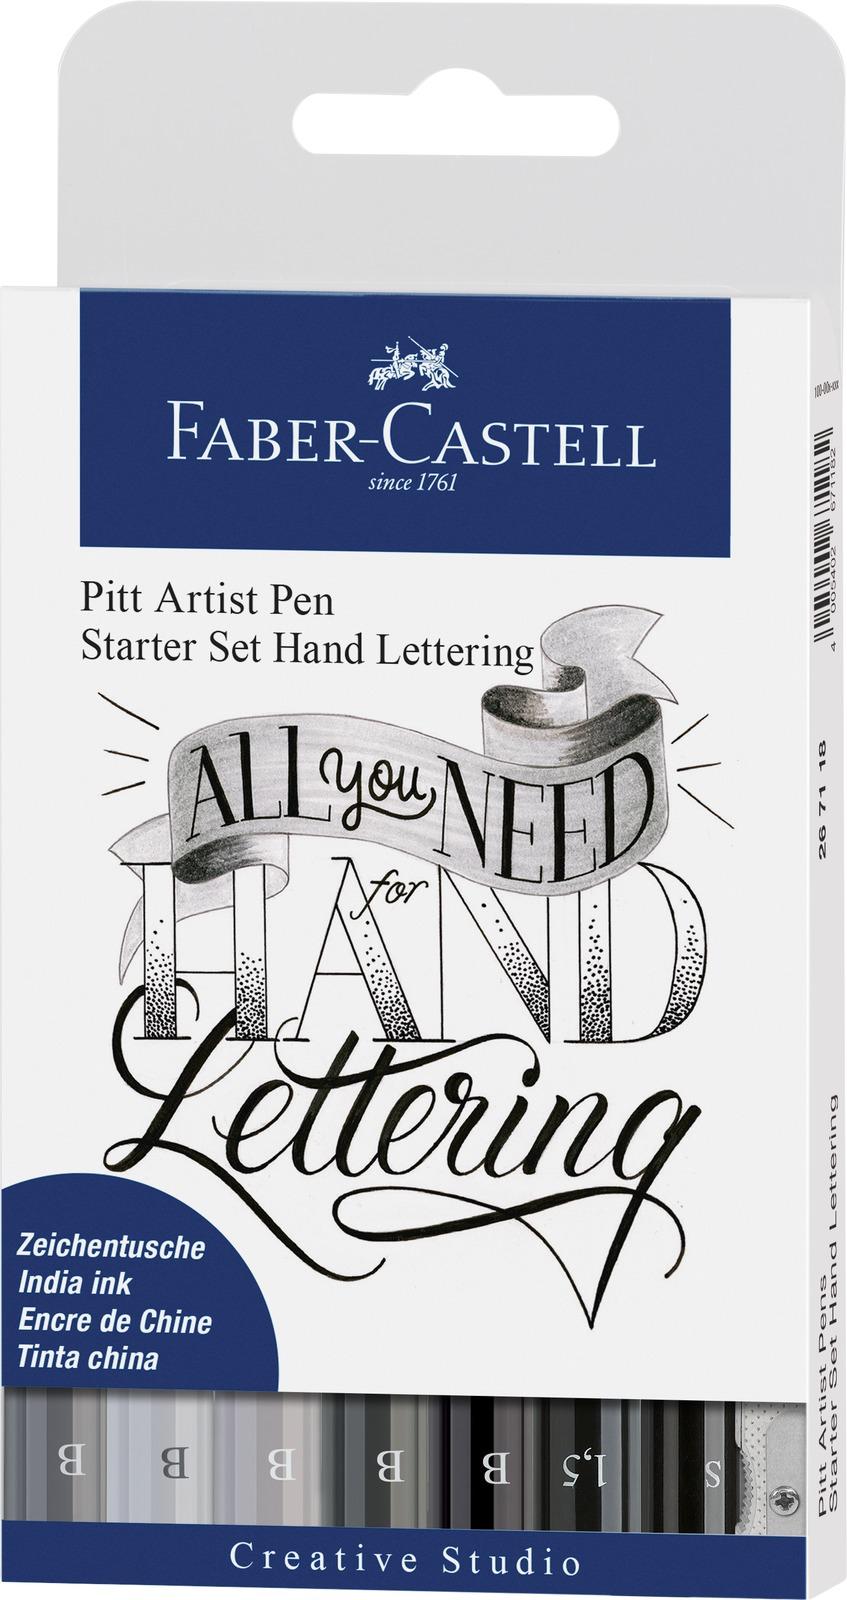 Faber-Castell: Pitt Artist Pens Hand Lettering (Set of 8) image